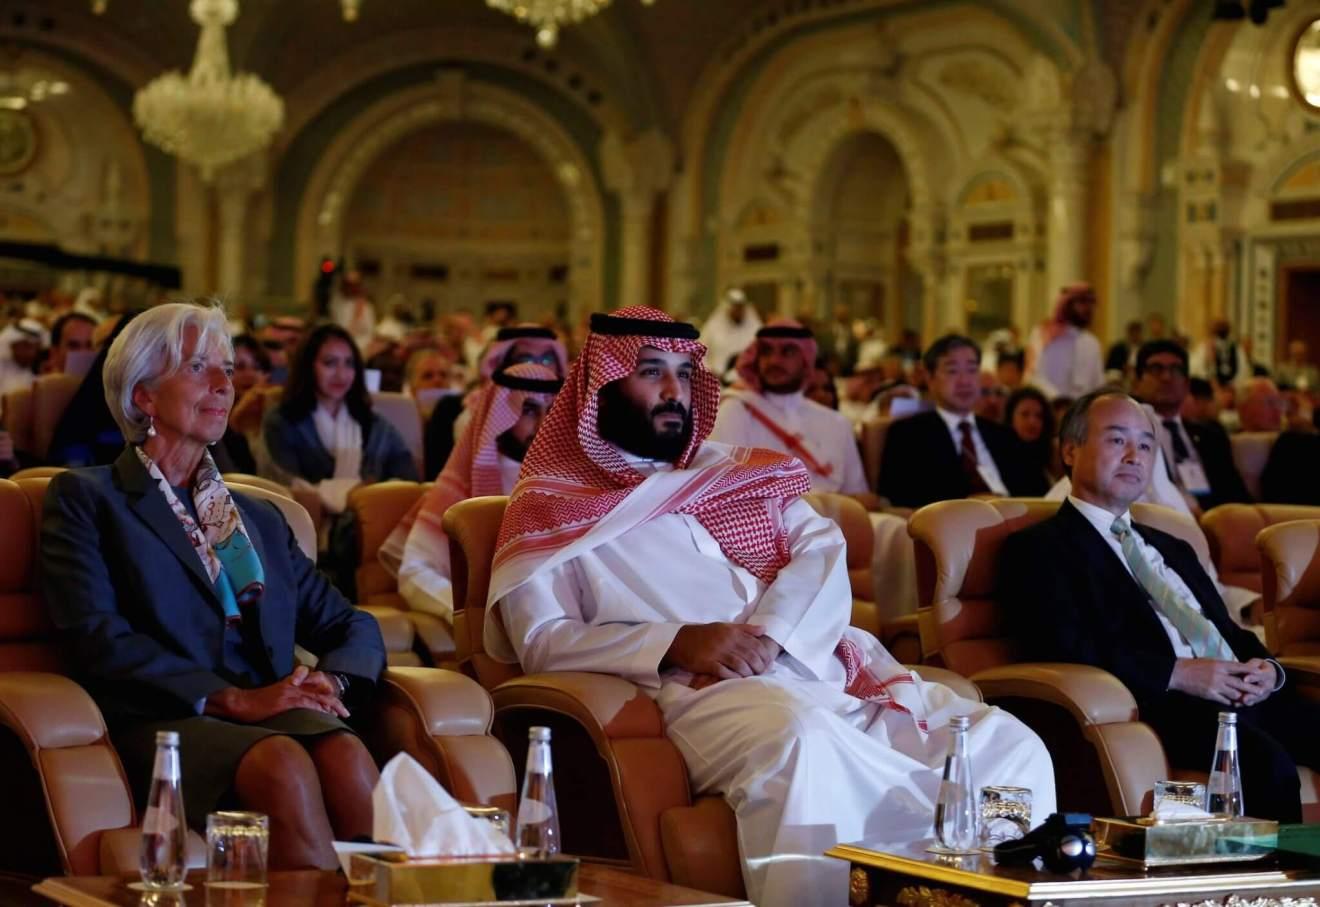 rtx3hzpm - Arábia Saudita construirá uma cidade 33 vezes maior que Nova York